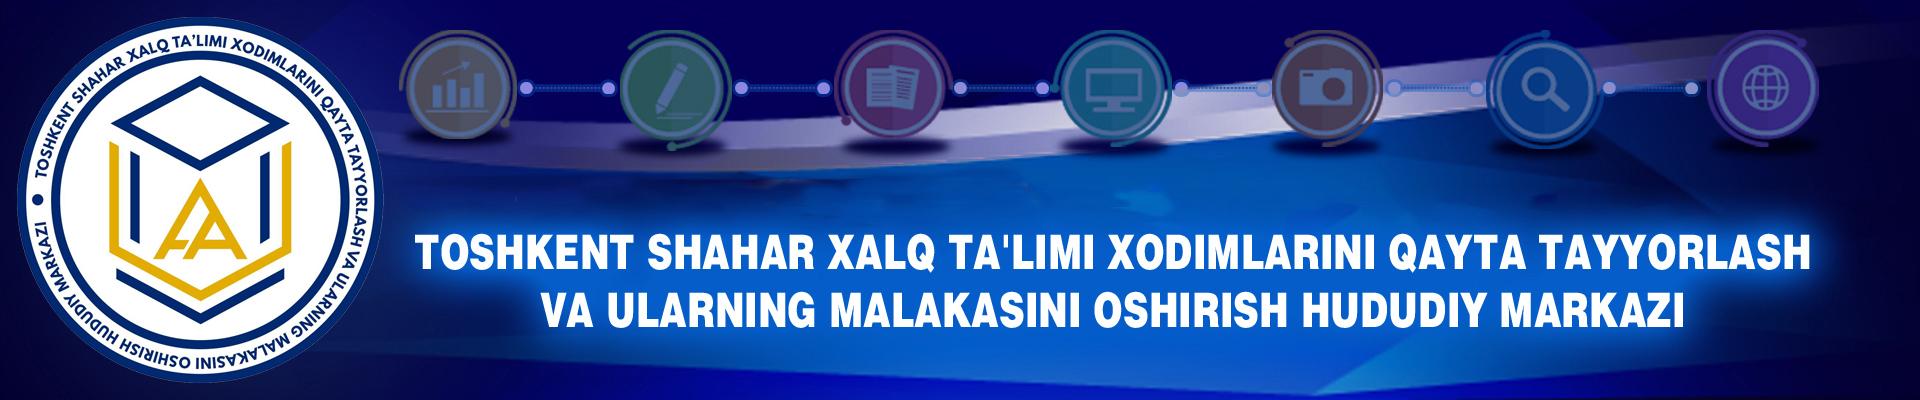 Toshkent shahar Xalq ta'limi xodimlarini qayta tayyorlash va ularning malakasini oshirish hududiy markazi